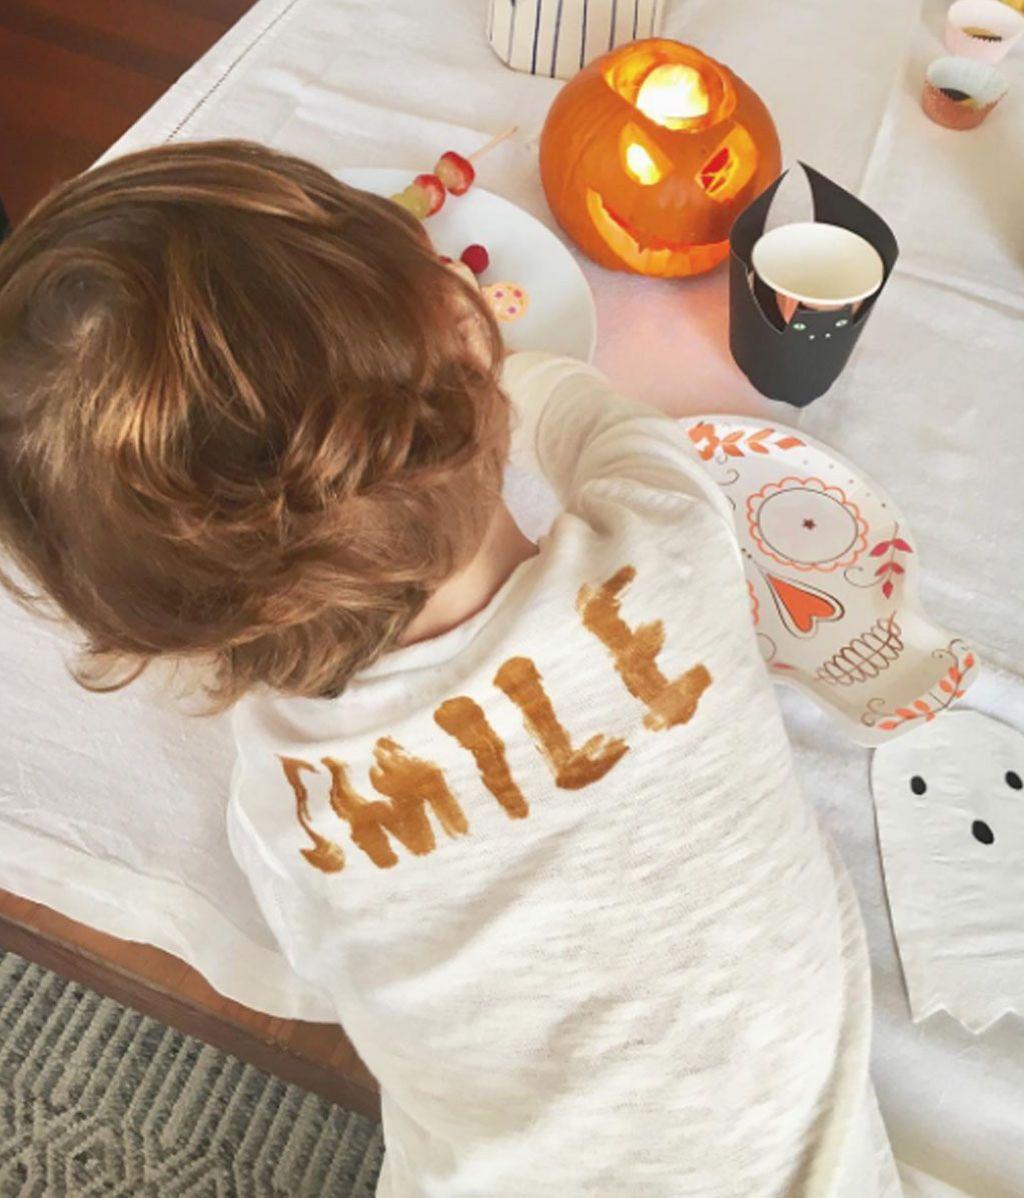 Lucas Casillas, entre calabazas y dibujos, opta por comer los aperitivos de la fiesta fardando de 'Smile'